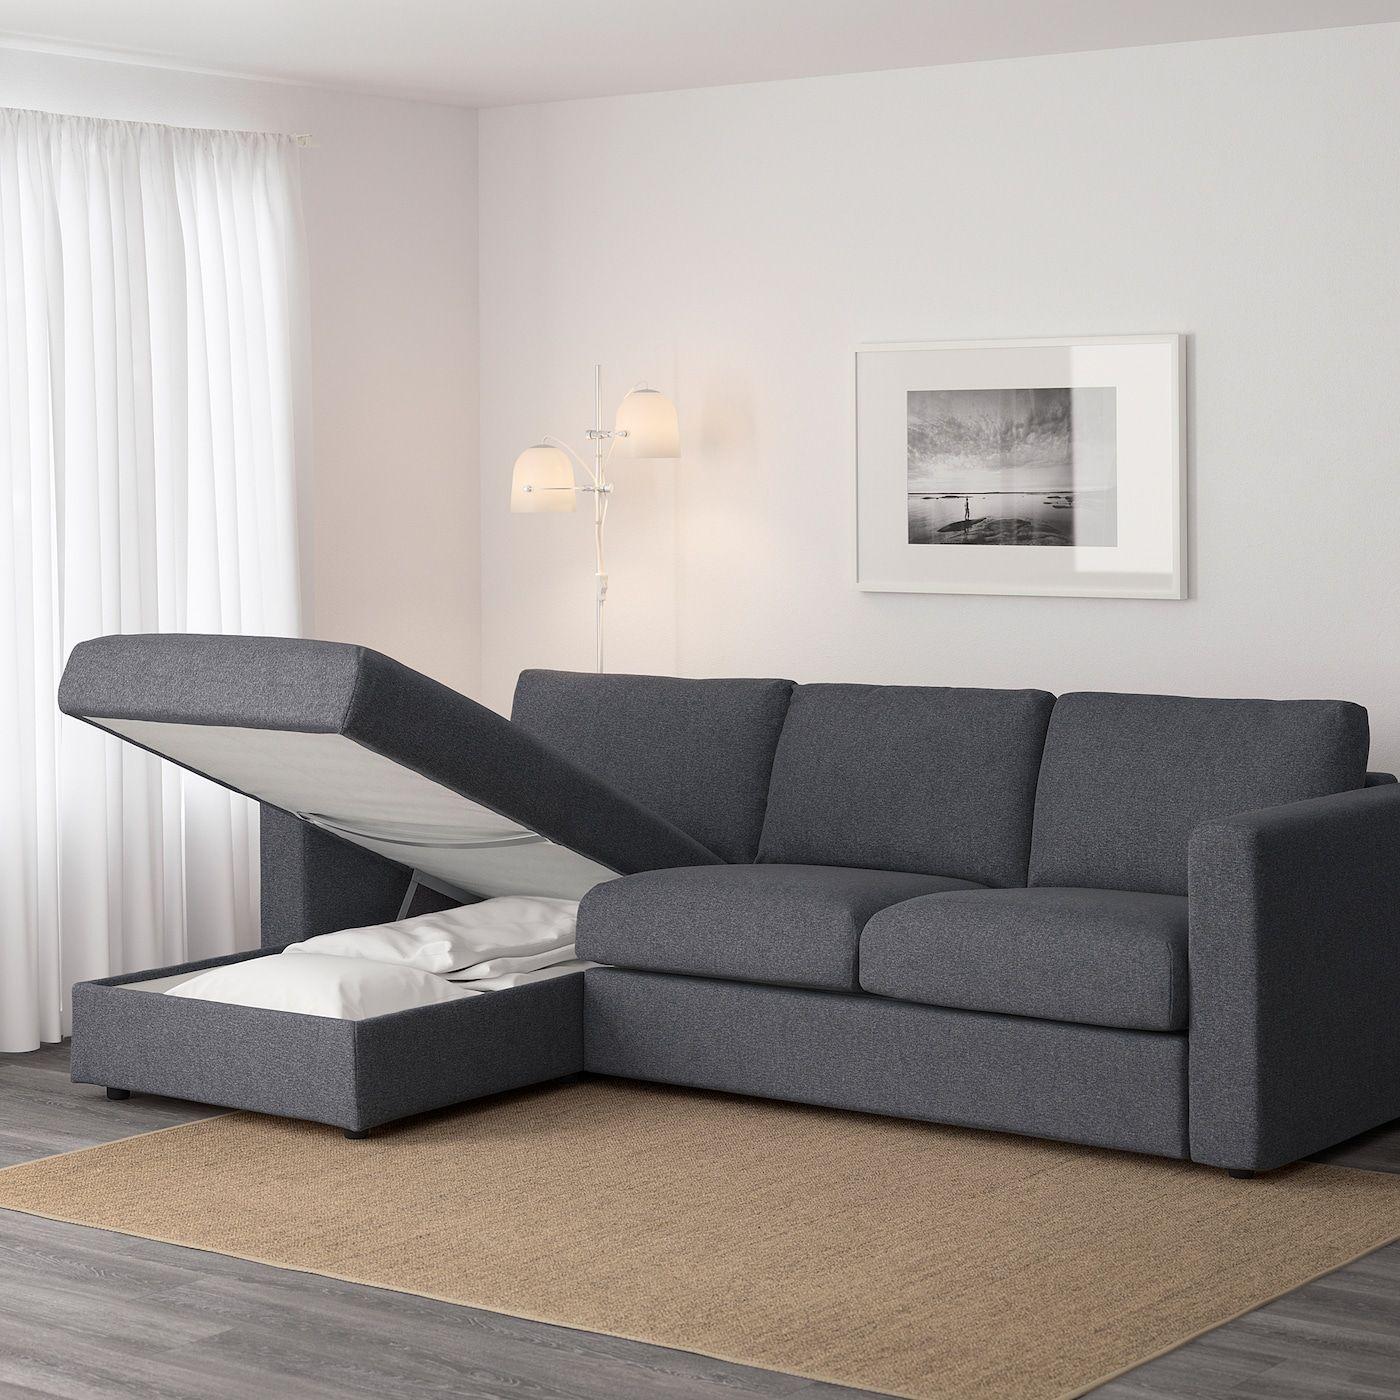 Ikea Vimle 3er Sofa Mit R Eacute Camiere Gunnared Mittelgrau In 2020 3er Sofa Recamiere Sofa